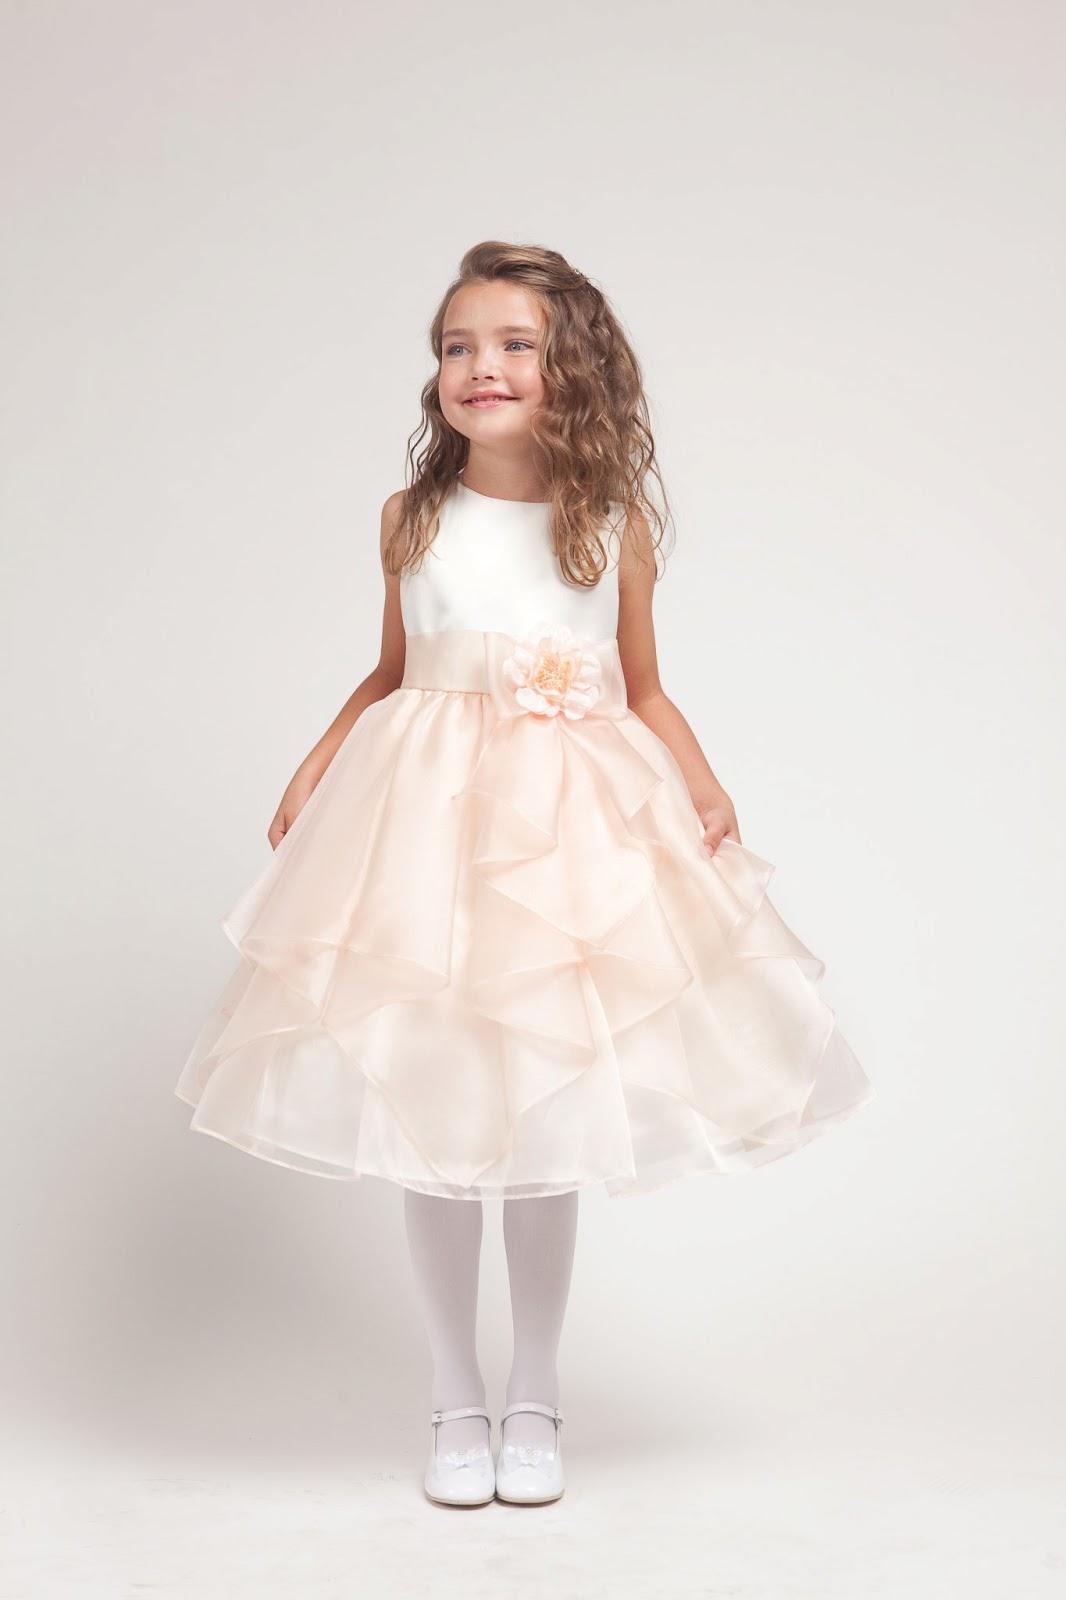 Flower girl dresses boston massachusetts for Wedding dresses in boston ma